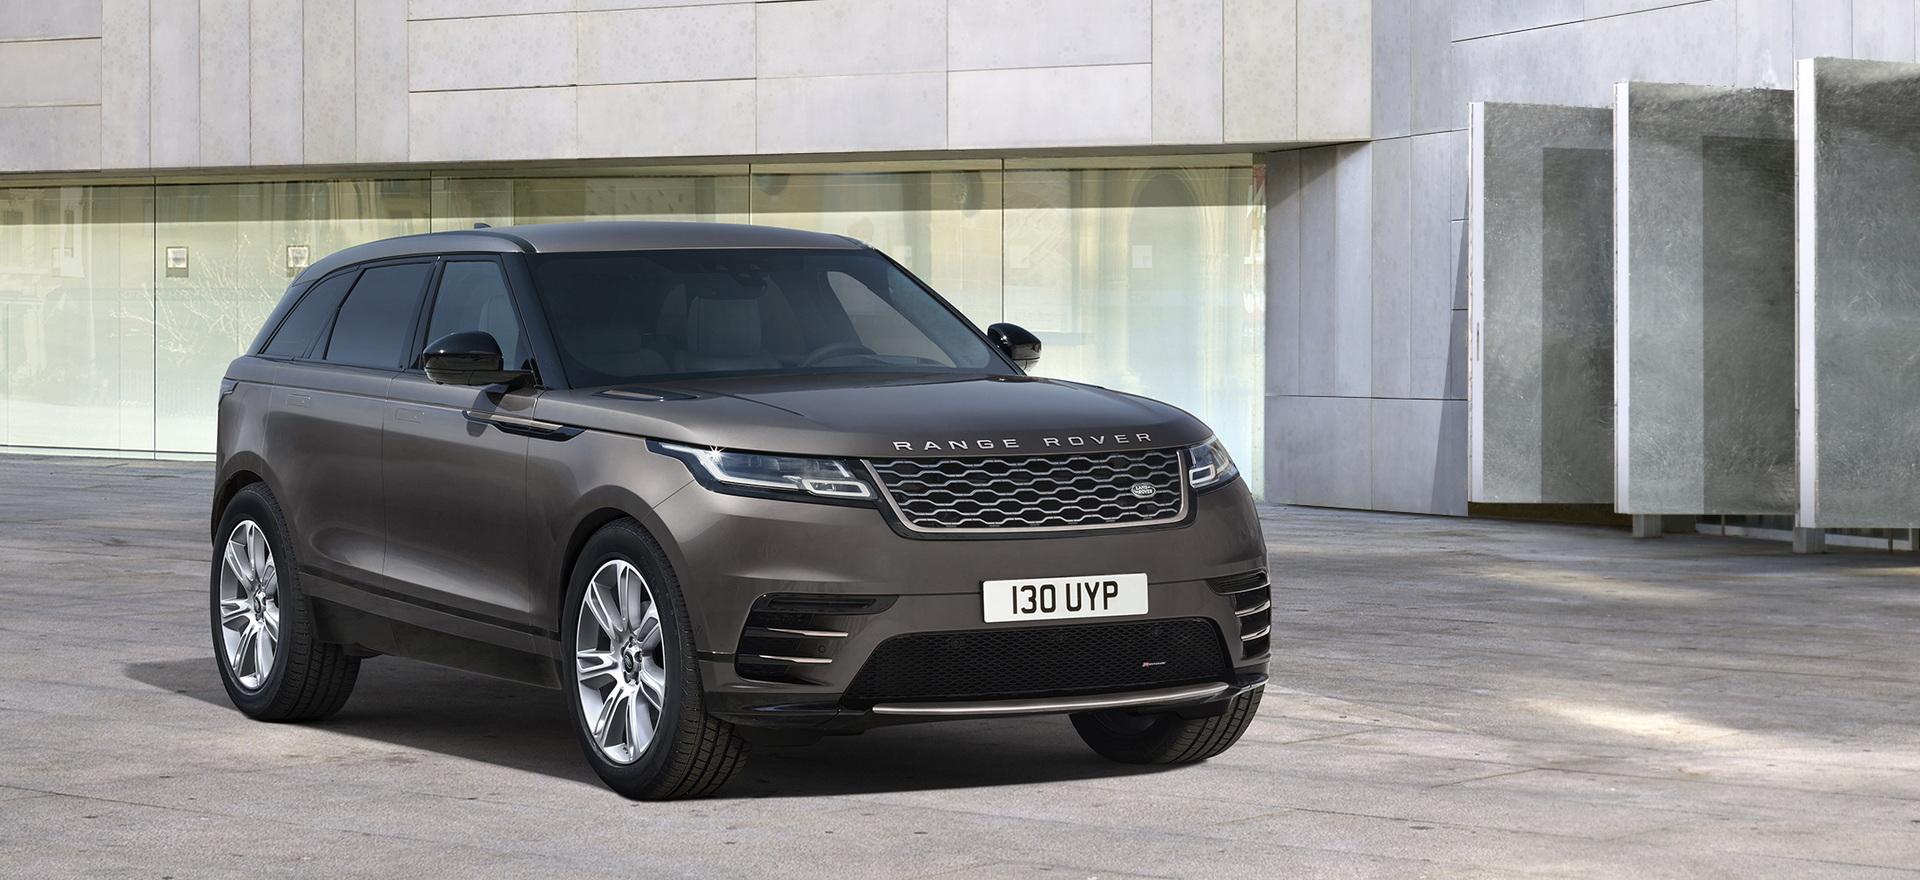 Land-Rover-ra-mắt-Range-Rover-Velar-2022-với-nhiều-nâng-cấp (12).jpg